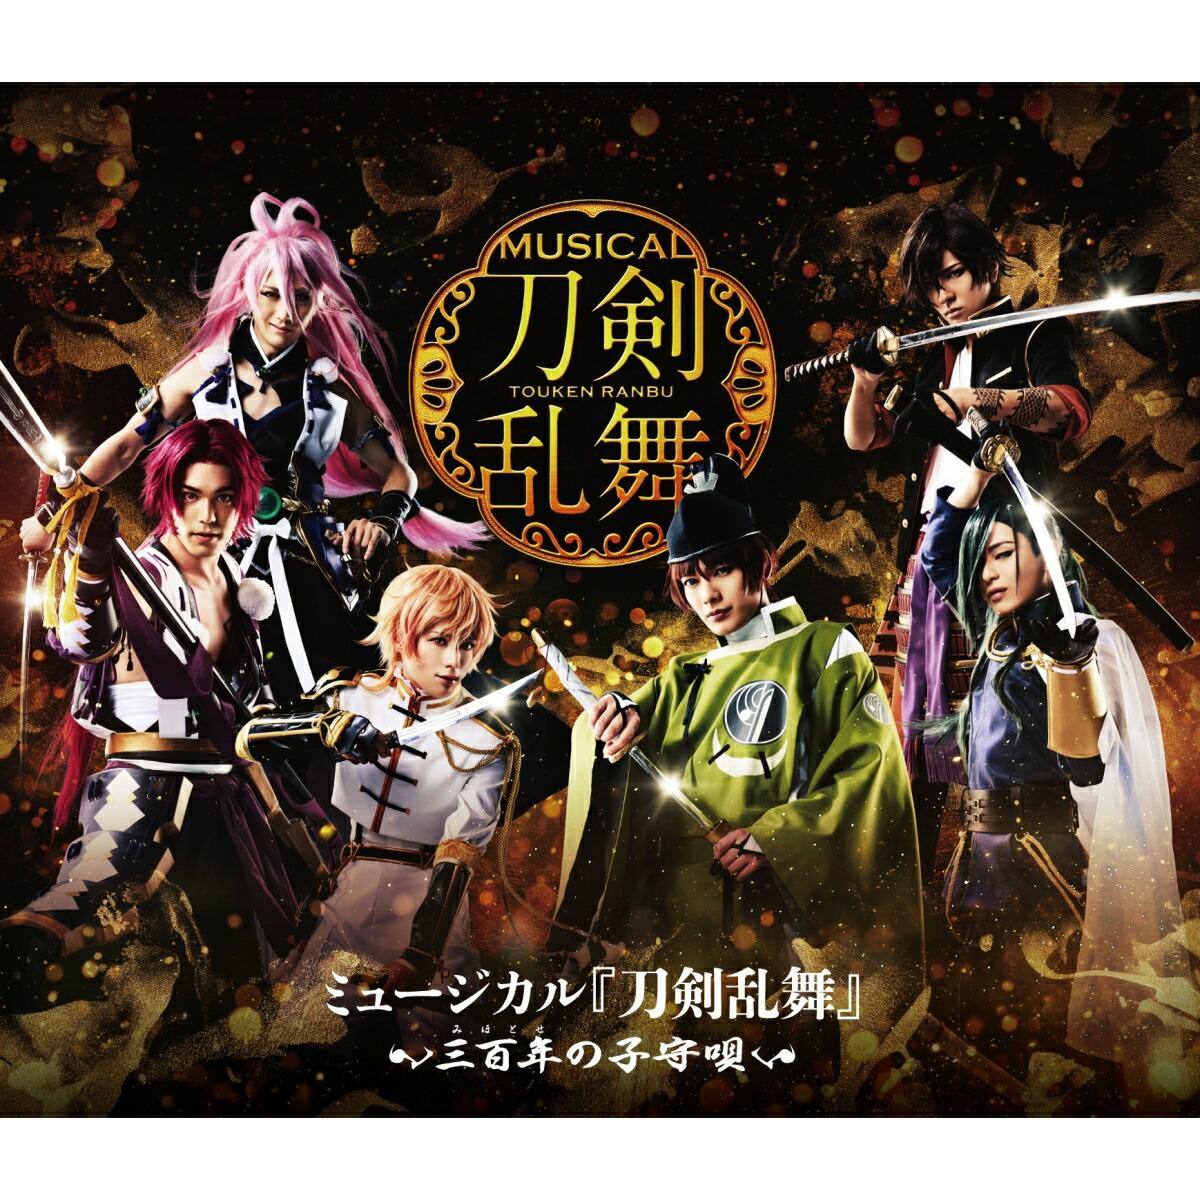 ミュージカル『刀剣乱舞』〜三百年の子守唄〜[EMPB-0004][Blu-ray/ブルーレイ]